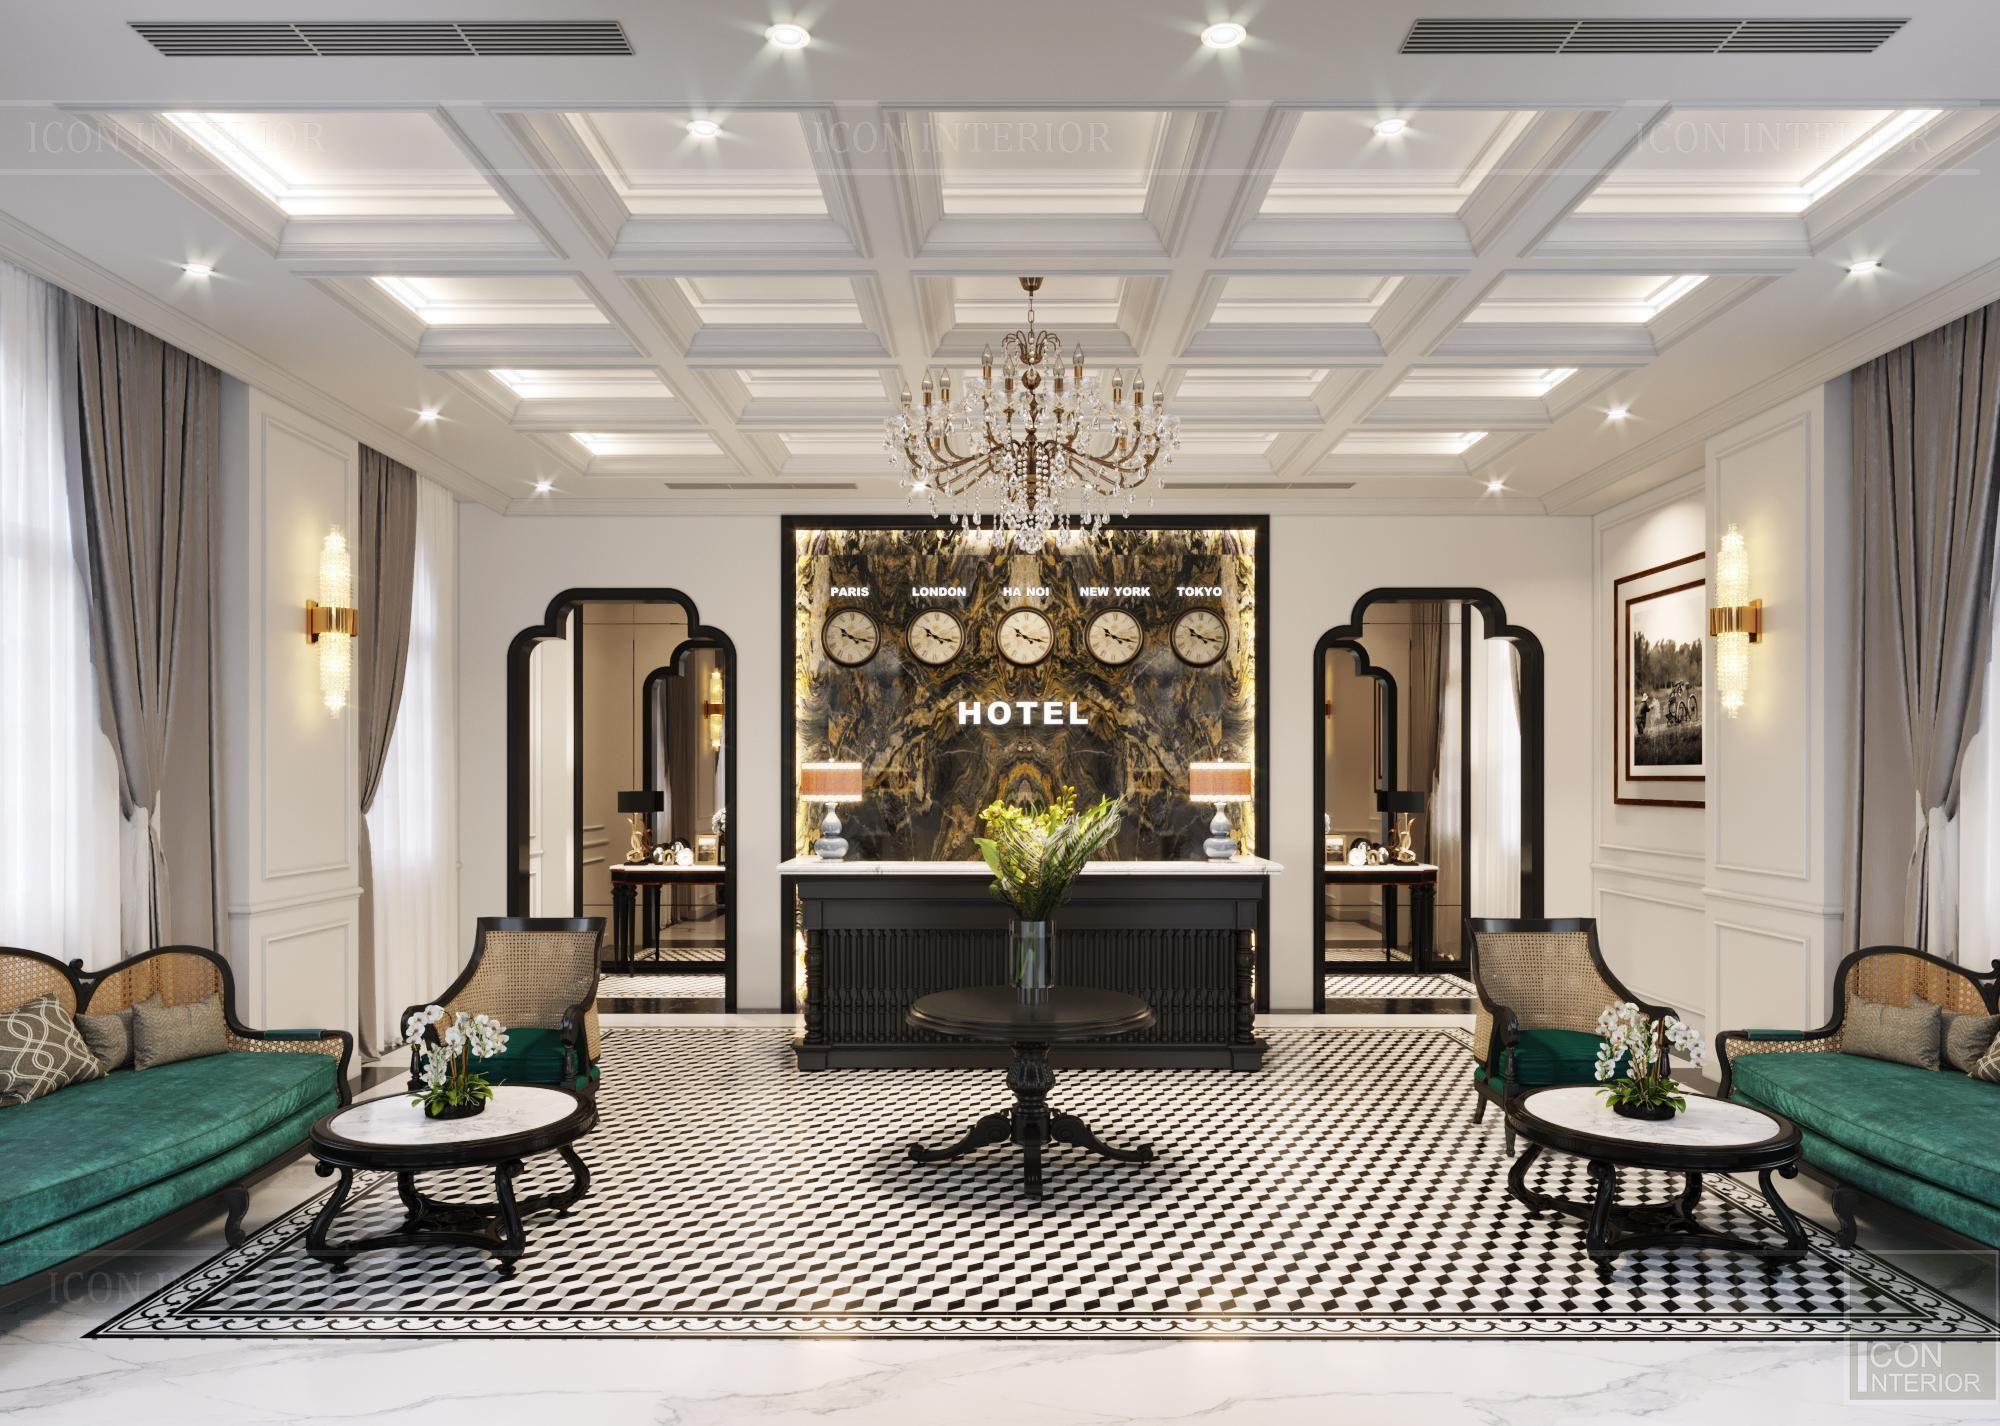 Thiết kế nội thất Khách Sạn tại Lâm Đồng HUYNH THUC KHANG HOTEL Da Lat 1582874165 0